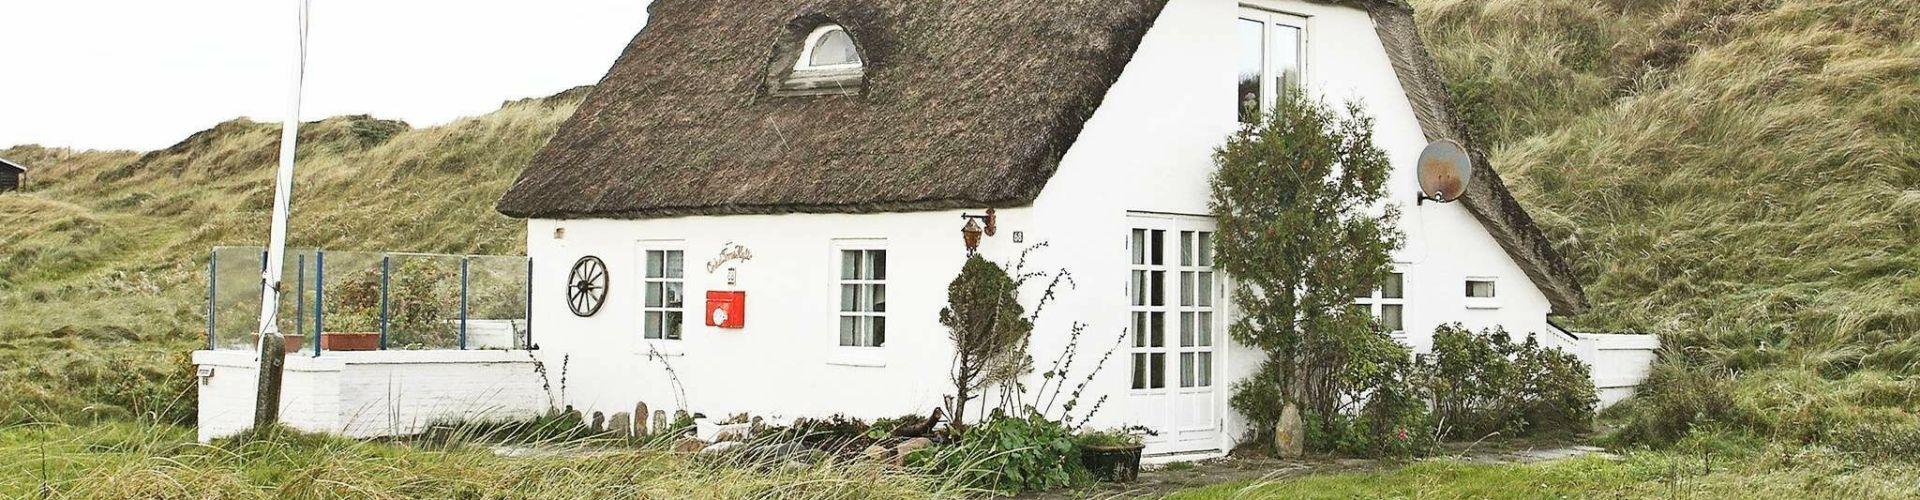 Kindvriendelijk vakantiehuis in Denemarken